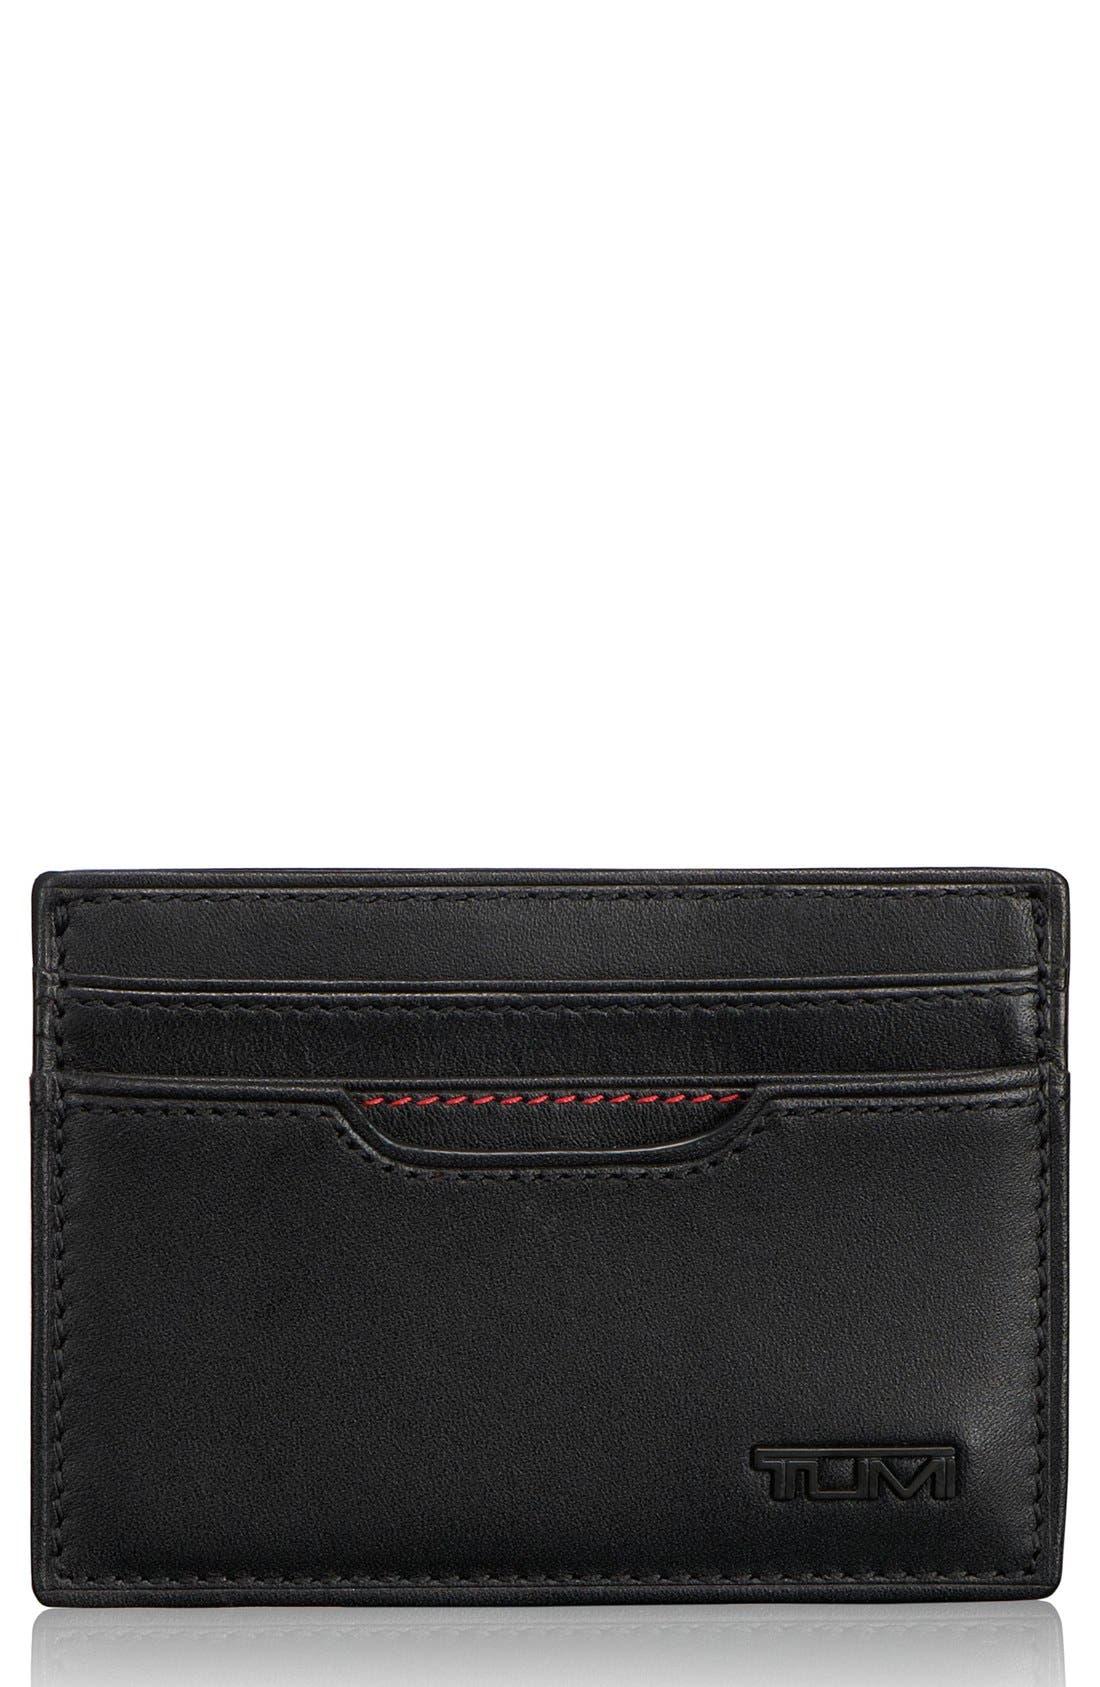 TUMI Delta - ID Lock<sup>™</sup> Shielded Money Clip Card Case, Main, color, BLACK